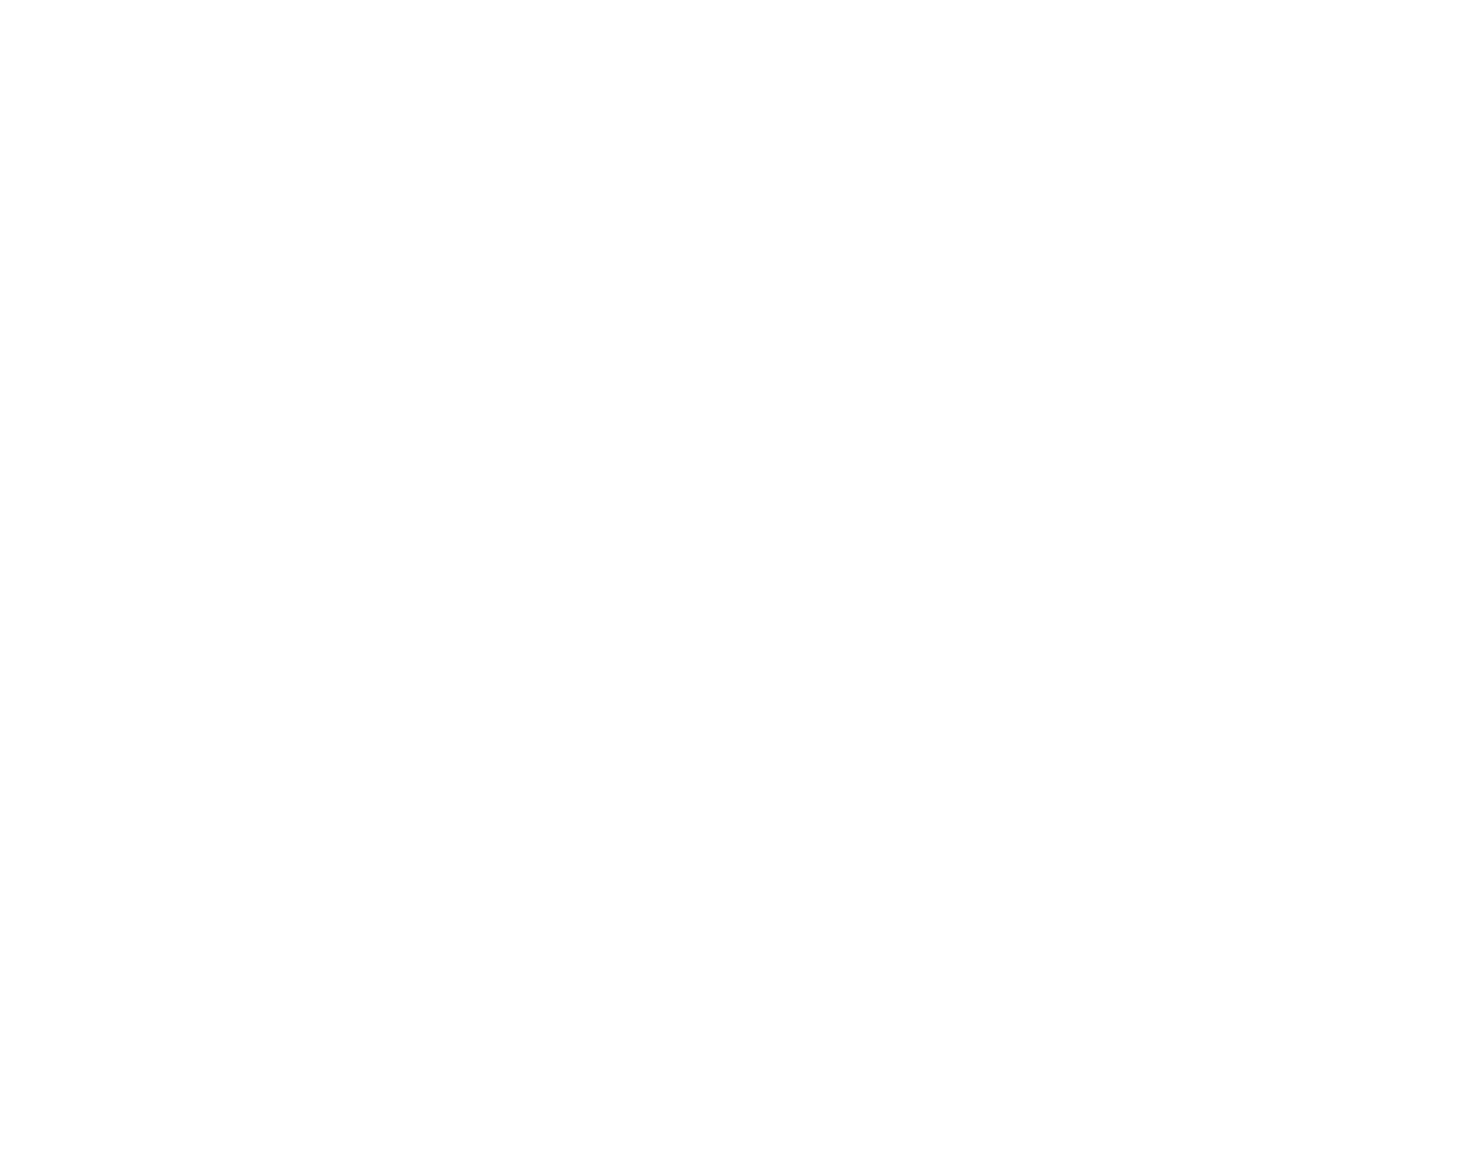 [Original Spoon] 복합 공간 릴랙스 라운지 신규 아이템 도출 및 실행 전략 수립 프로젝트